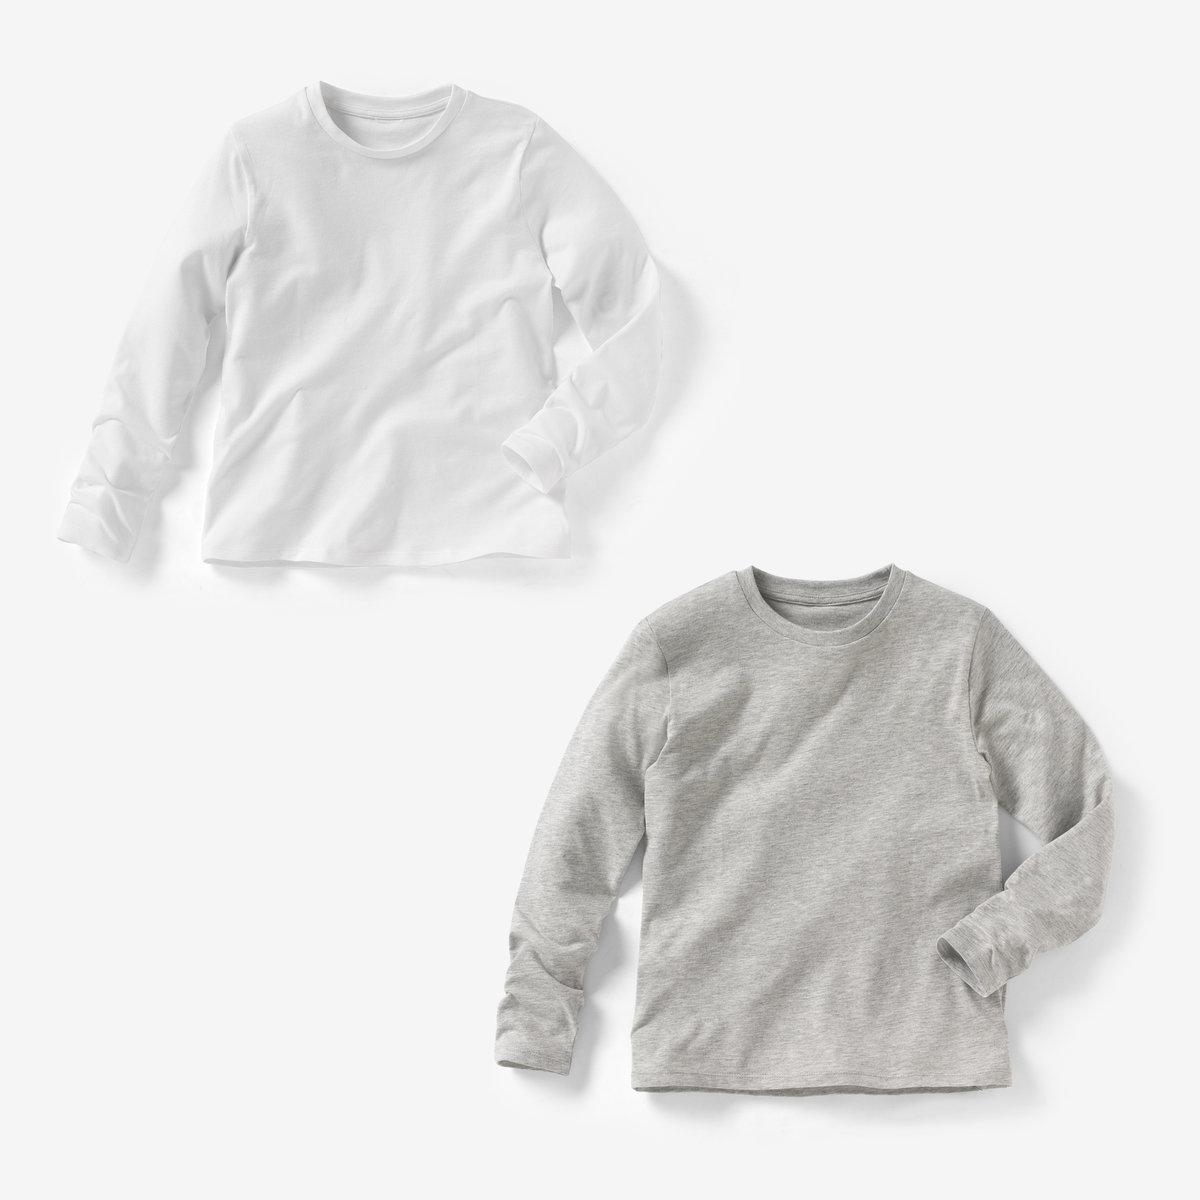 Комплект из 2 футболок, 3-12 летОписание:Детали •  Длинные рукава •  Круглый вырезСостав и уход •  100% хлопок •  Температура стирки 40°   •  Сухая чистка и отбеливание запрещены •  Барабанная сушка на деликатном режиме • Средняя температура глажки.<br><br>Цвет: красный + темно-синий,серый меланж + белый,черный + серый меланж<br>Размер: 8 лет - 126 см.8 лет - 126 см.12 лет -150 см.18 мес. - 81 см.2 года - 86 см.8 лет - 126 см.6 лет - 114 см.6 лет - 114 см.5 лет - 108 см.5 лет - 108 см.10 лет - 138 см